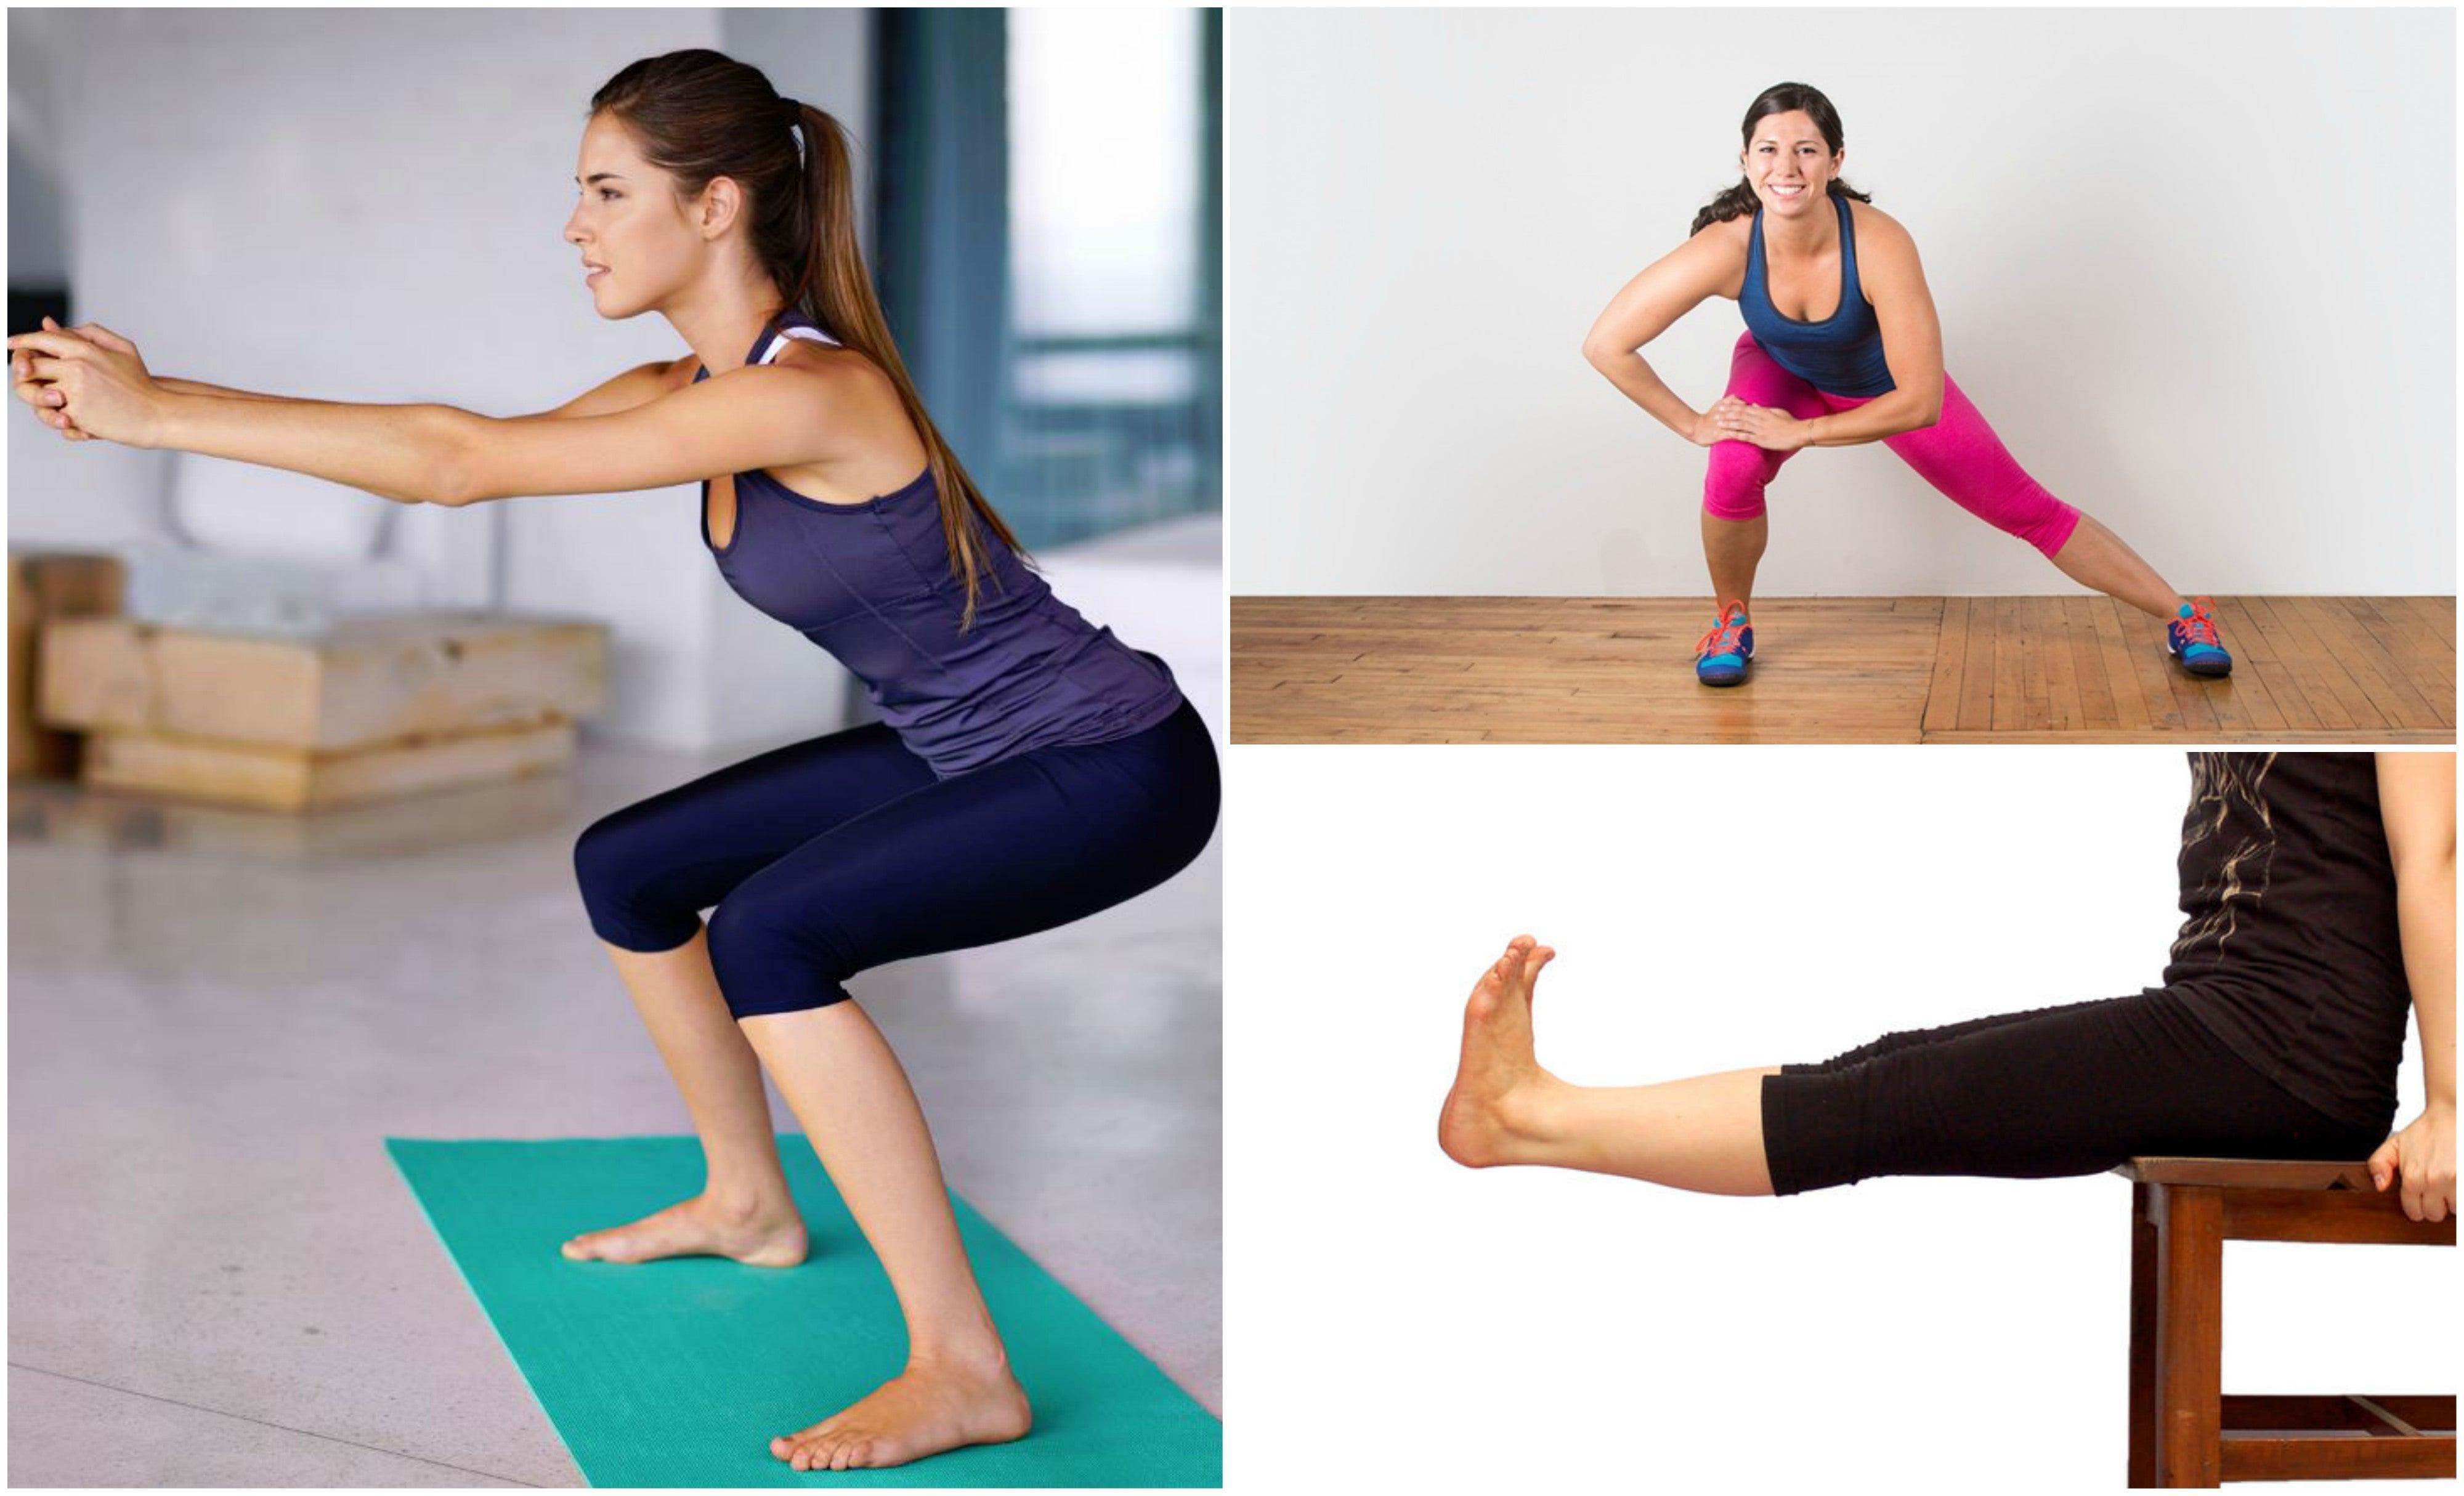 ejercicios para las piernas durante el confinamiento